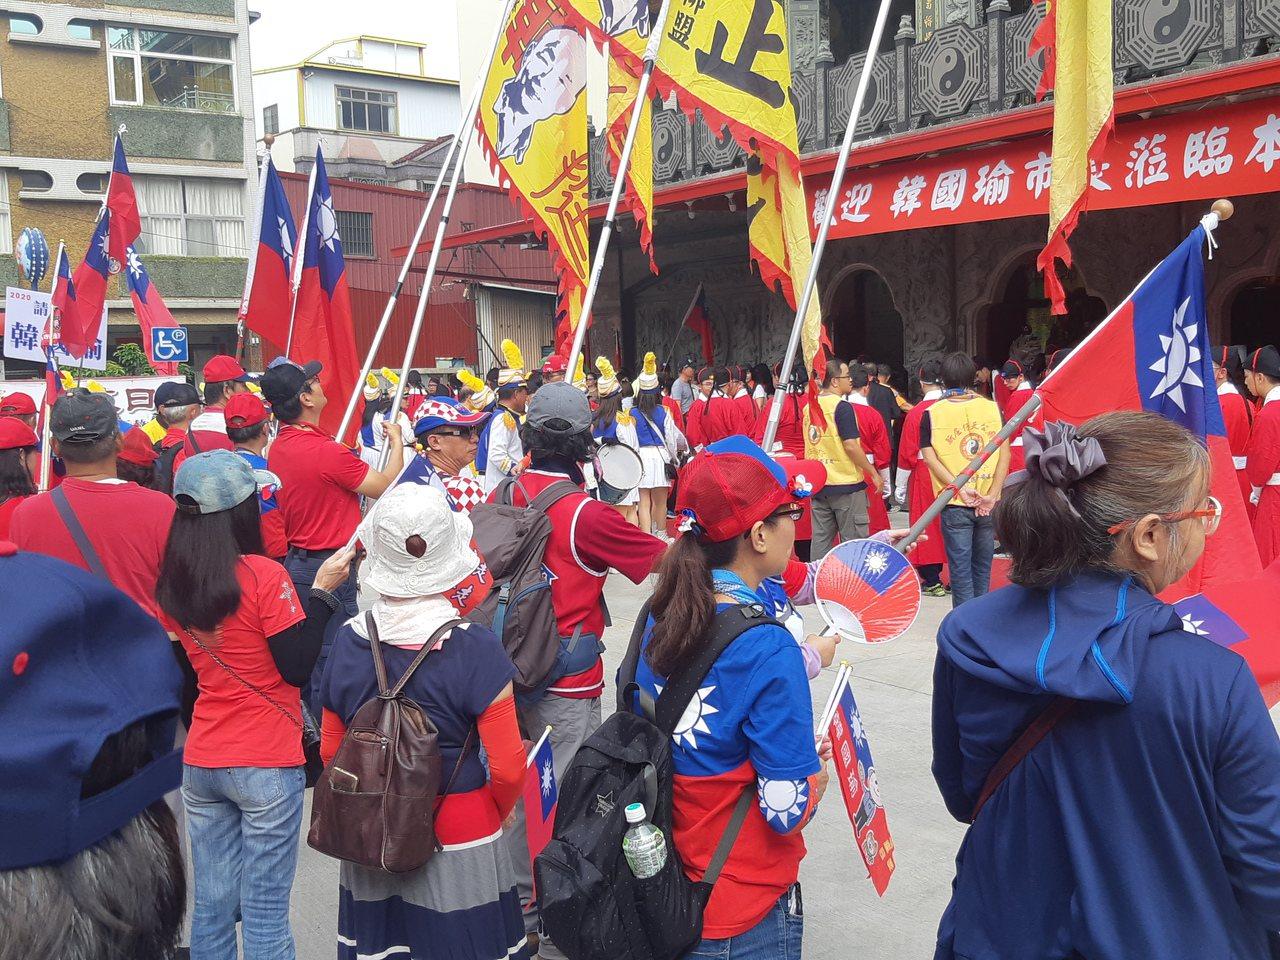 高雄市長韓國瑜今前往左營新庄仔天公廟參拜,遭嗆「落跑市長」。記者賴郁薇/攝影